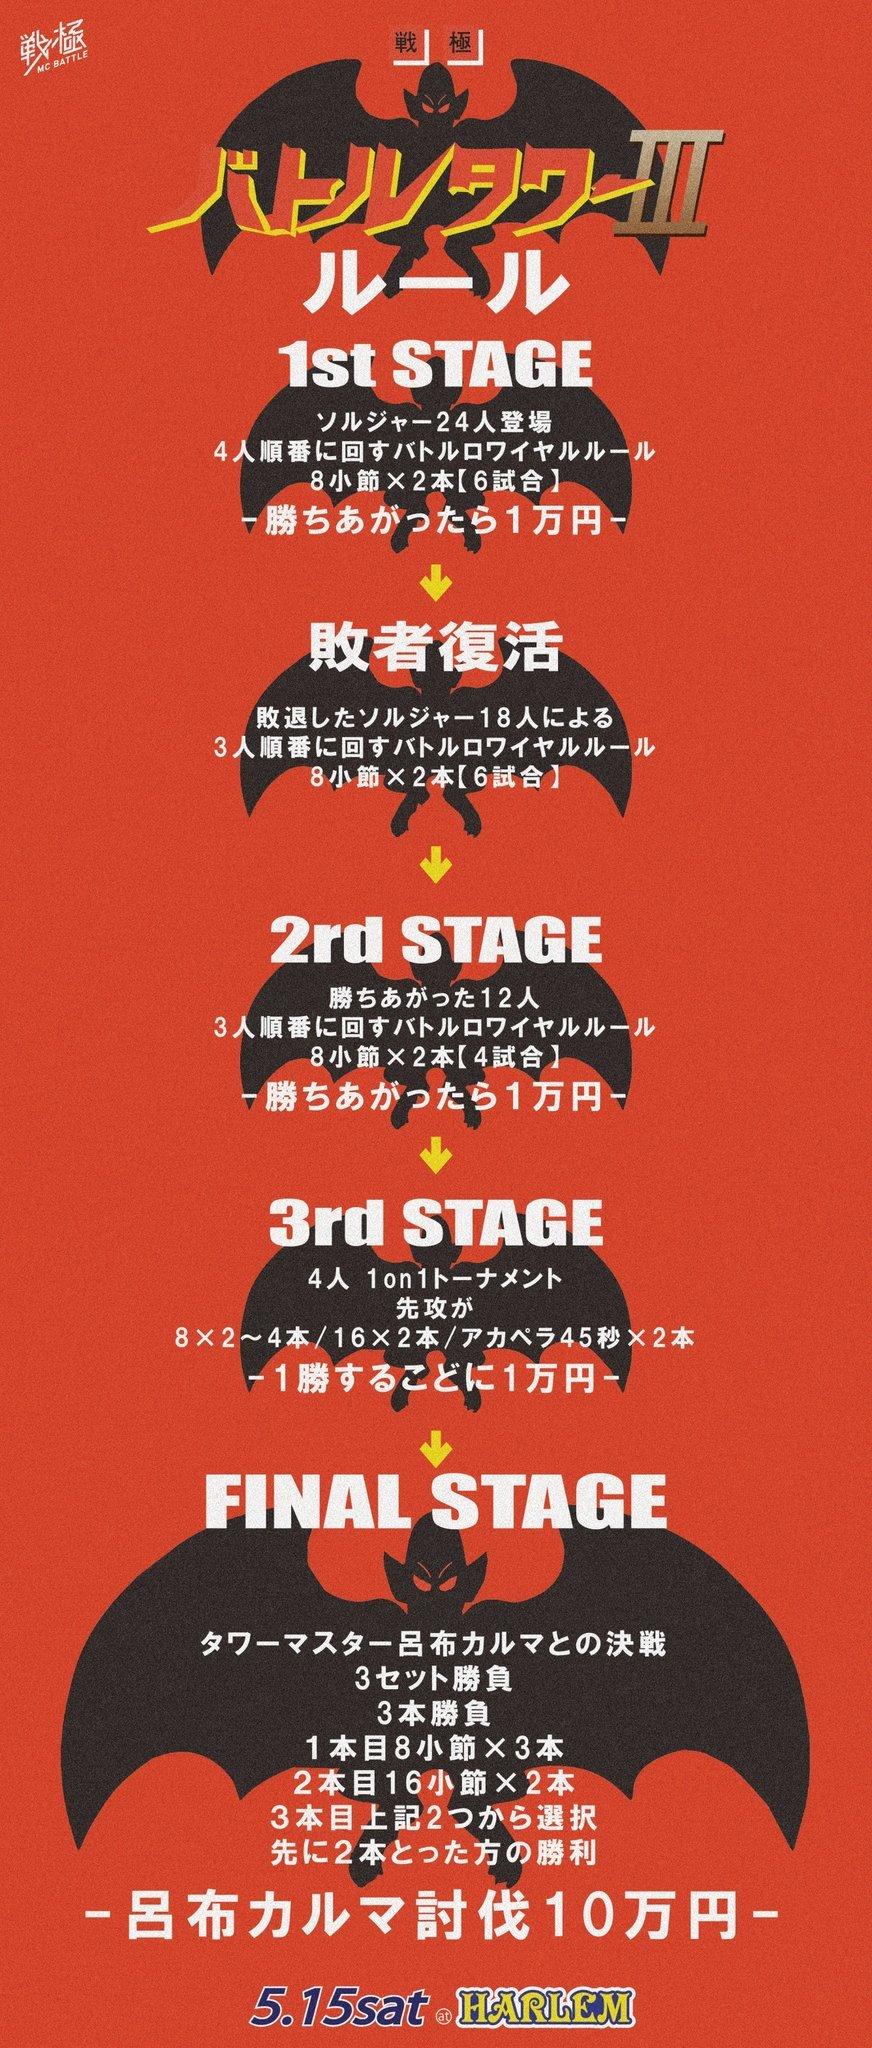 5/15 戦極BATLLE TOWERⅢ 配信チケット販売開始!_e0246863_05194873.jpg